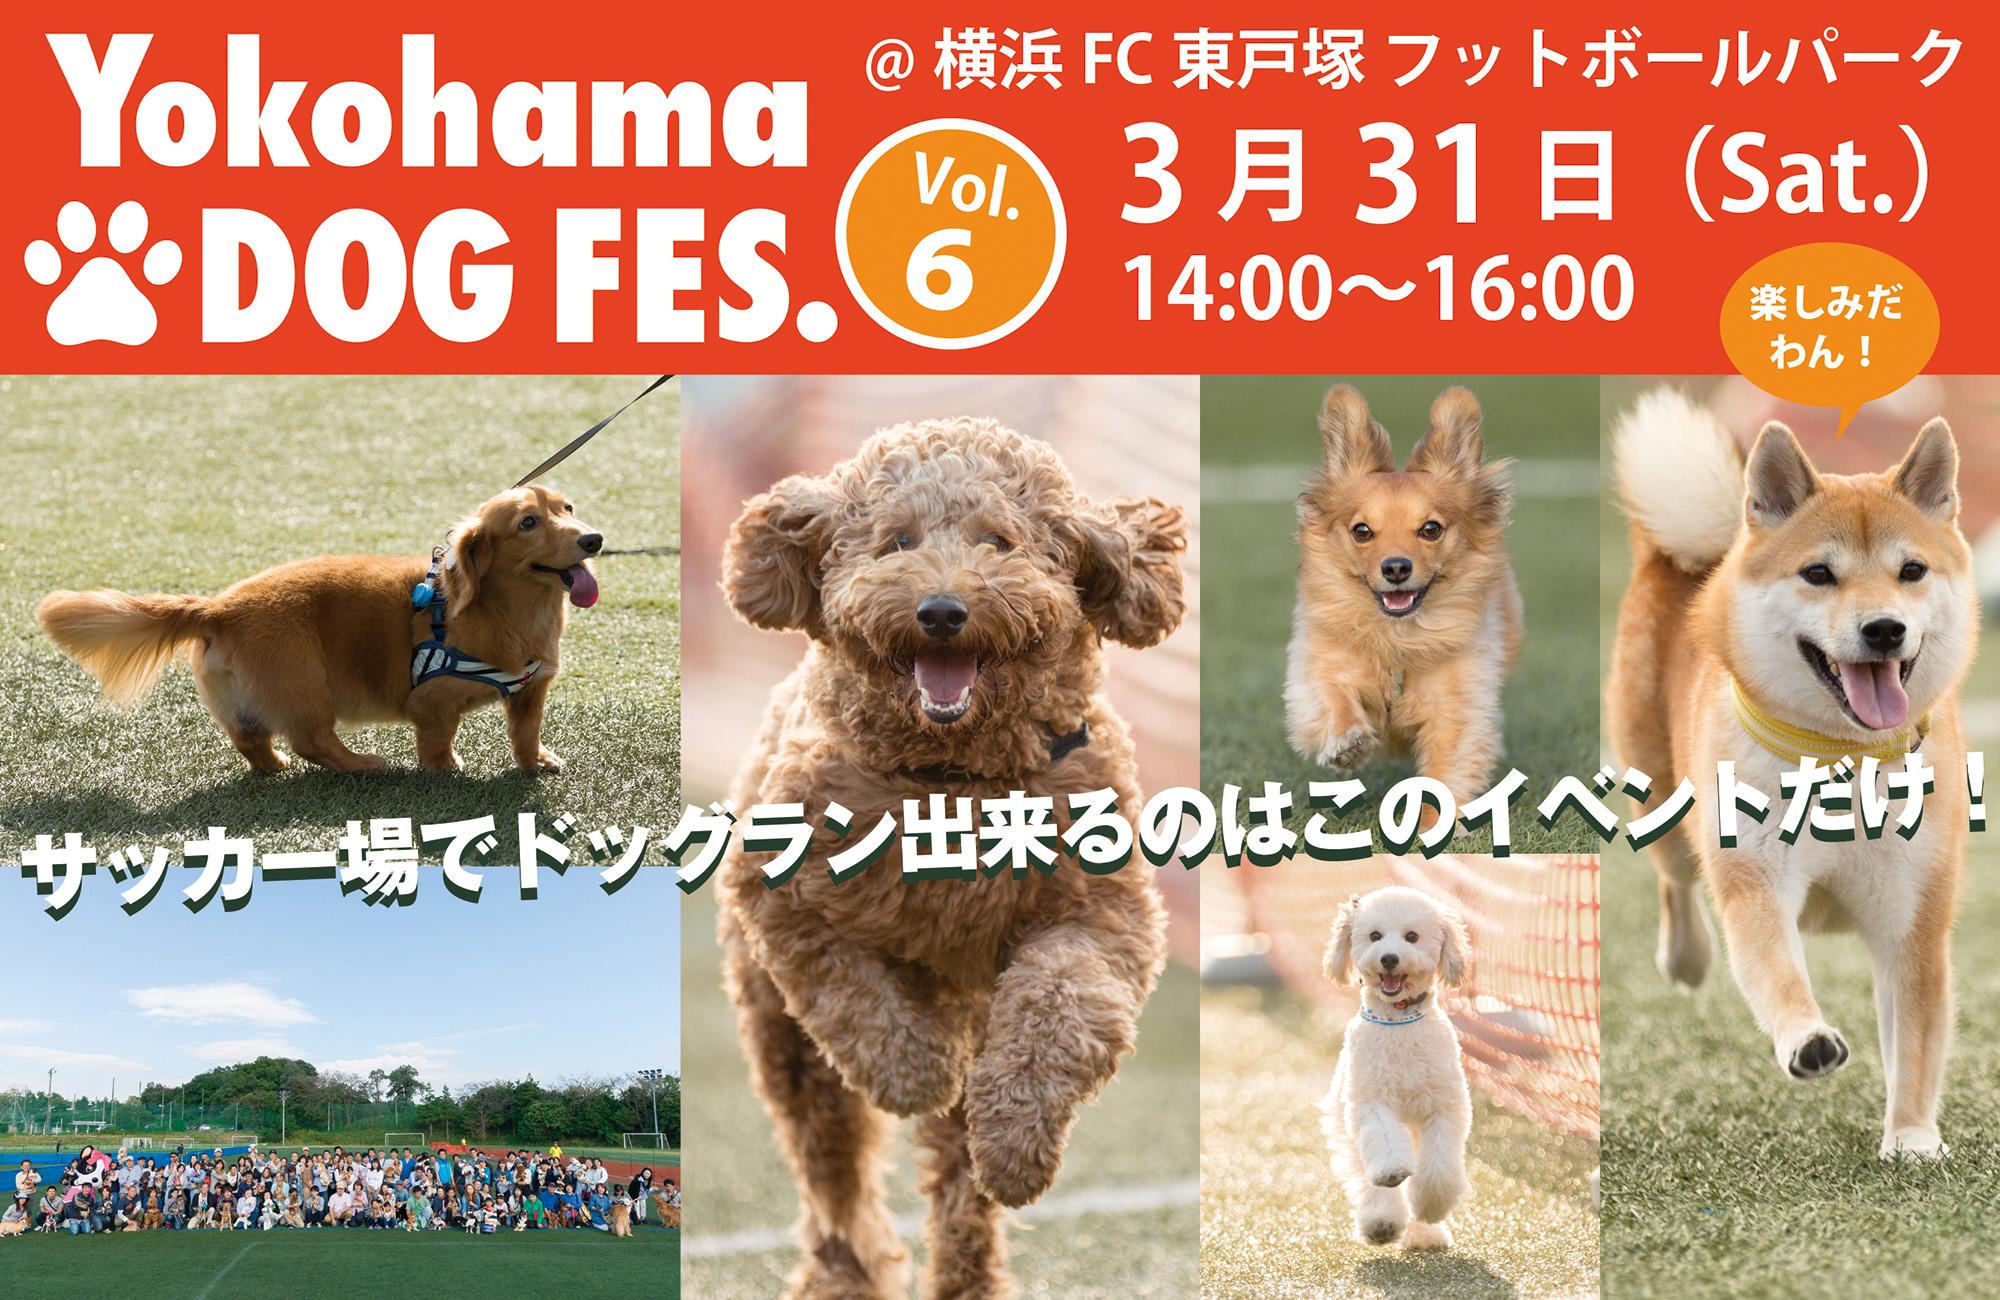 Yokohama DOG FES. Vol.6